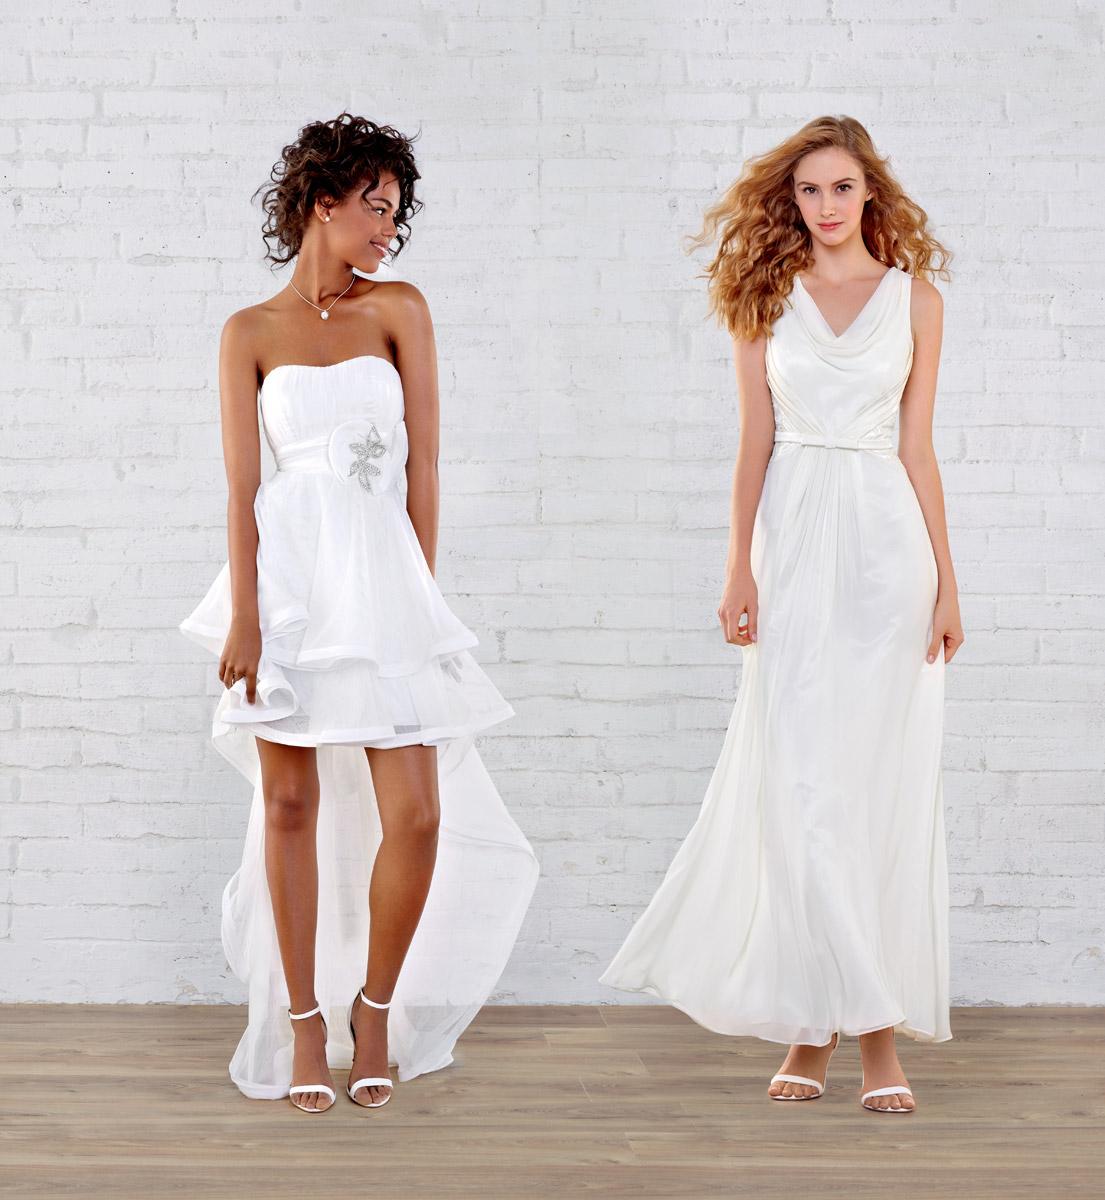 Robe de mariee noir et blanche tati